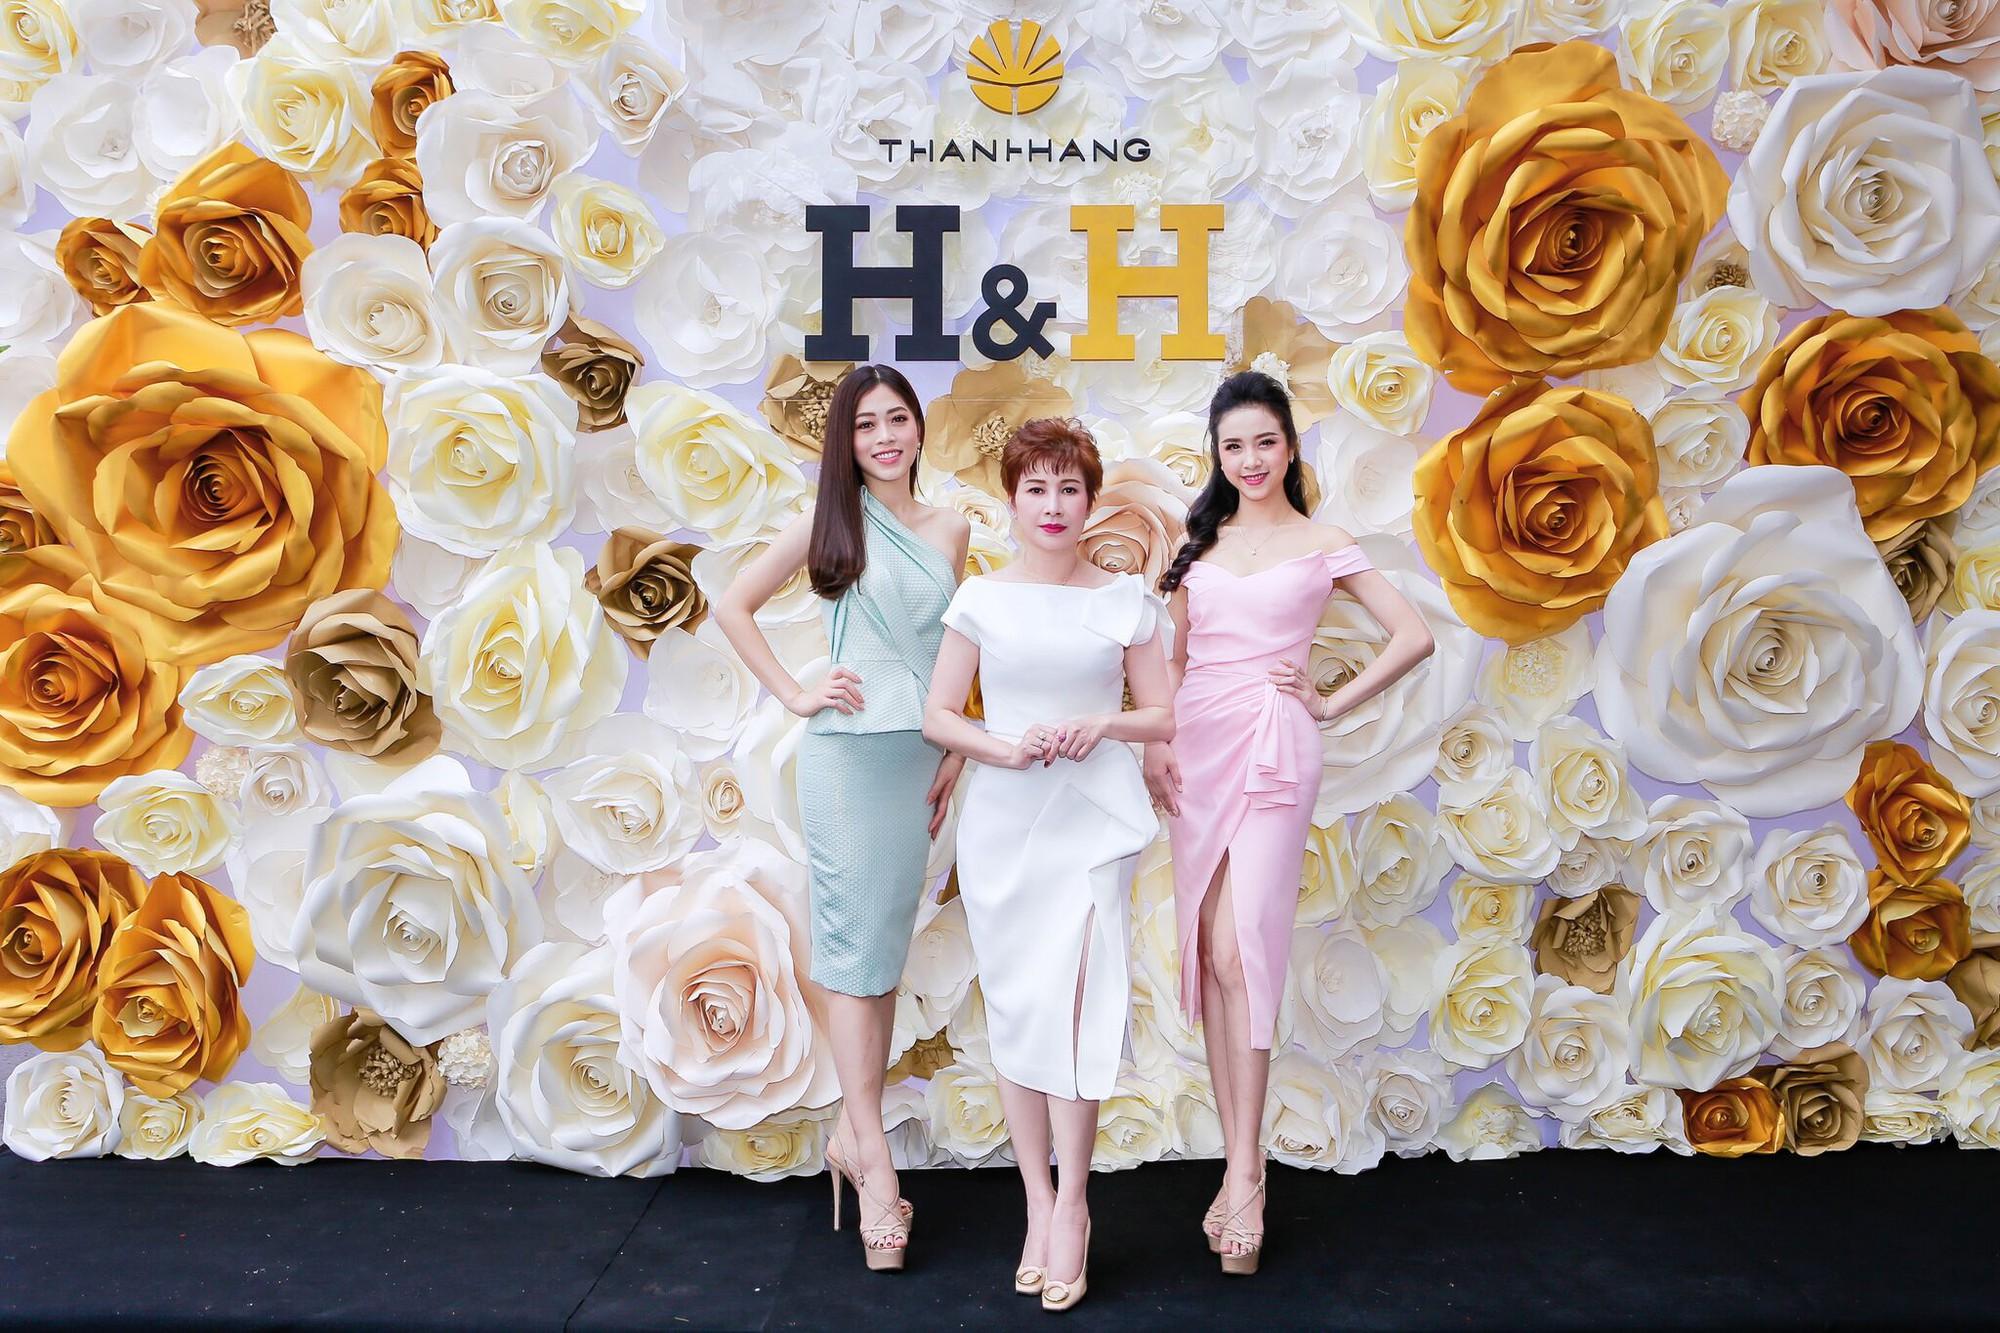 CEO Thanh Hằng Beauty Medi và quyết tâm tạo dựng chuỗi sản phẩm, dịch vụ làm đẹp khép kín dành cho người Việt - Ảnh 3.